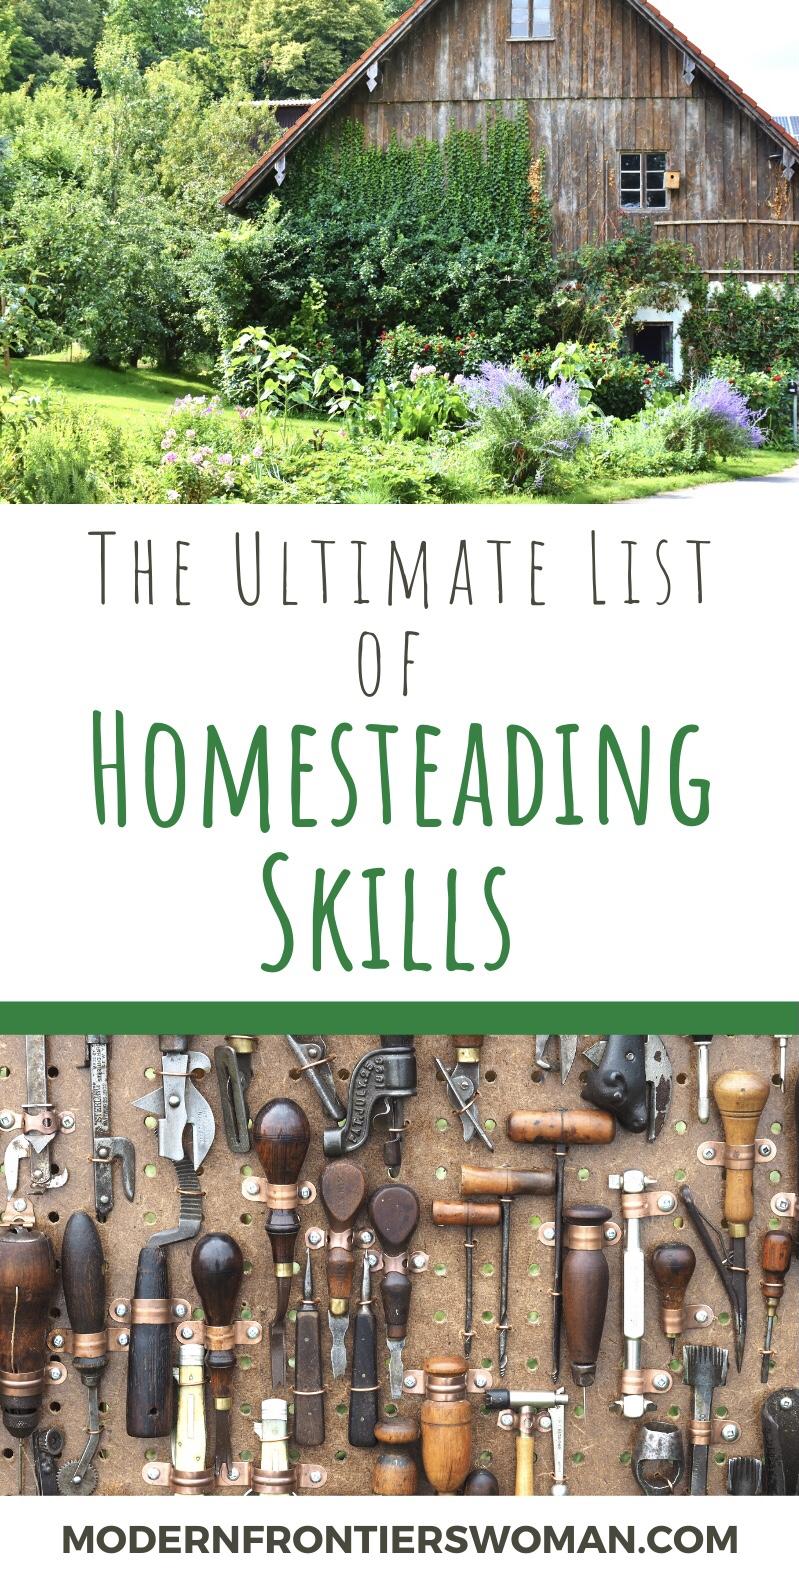 The ultimate list of homesteading skills